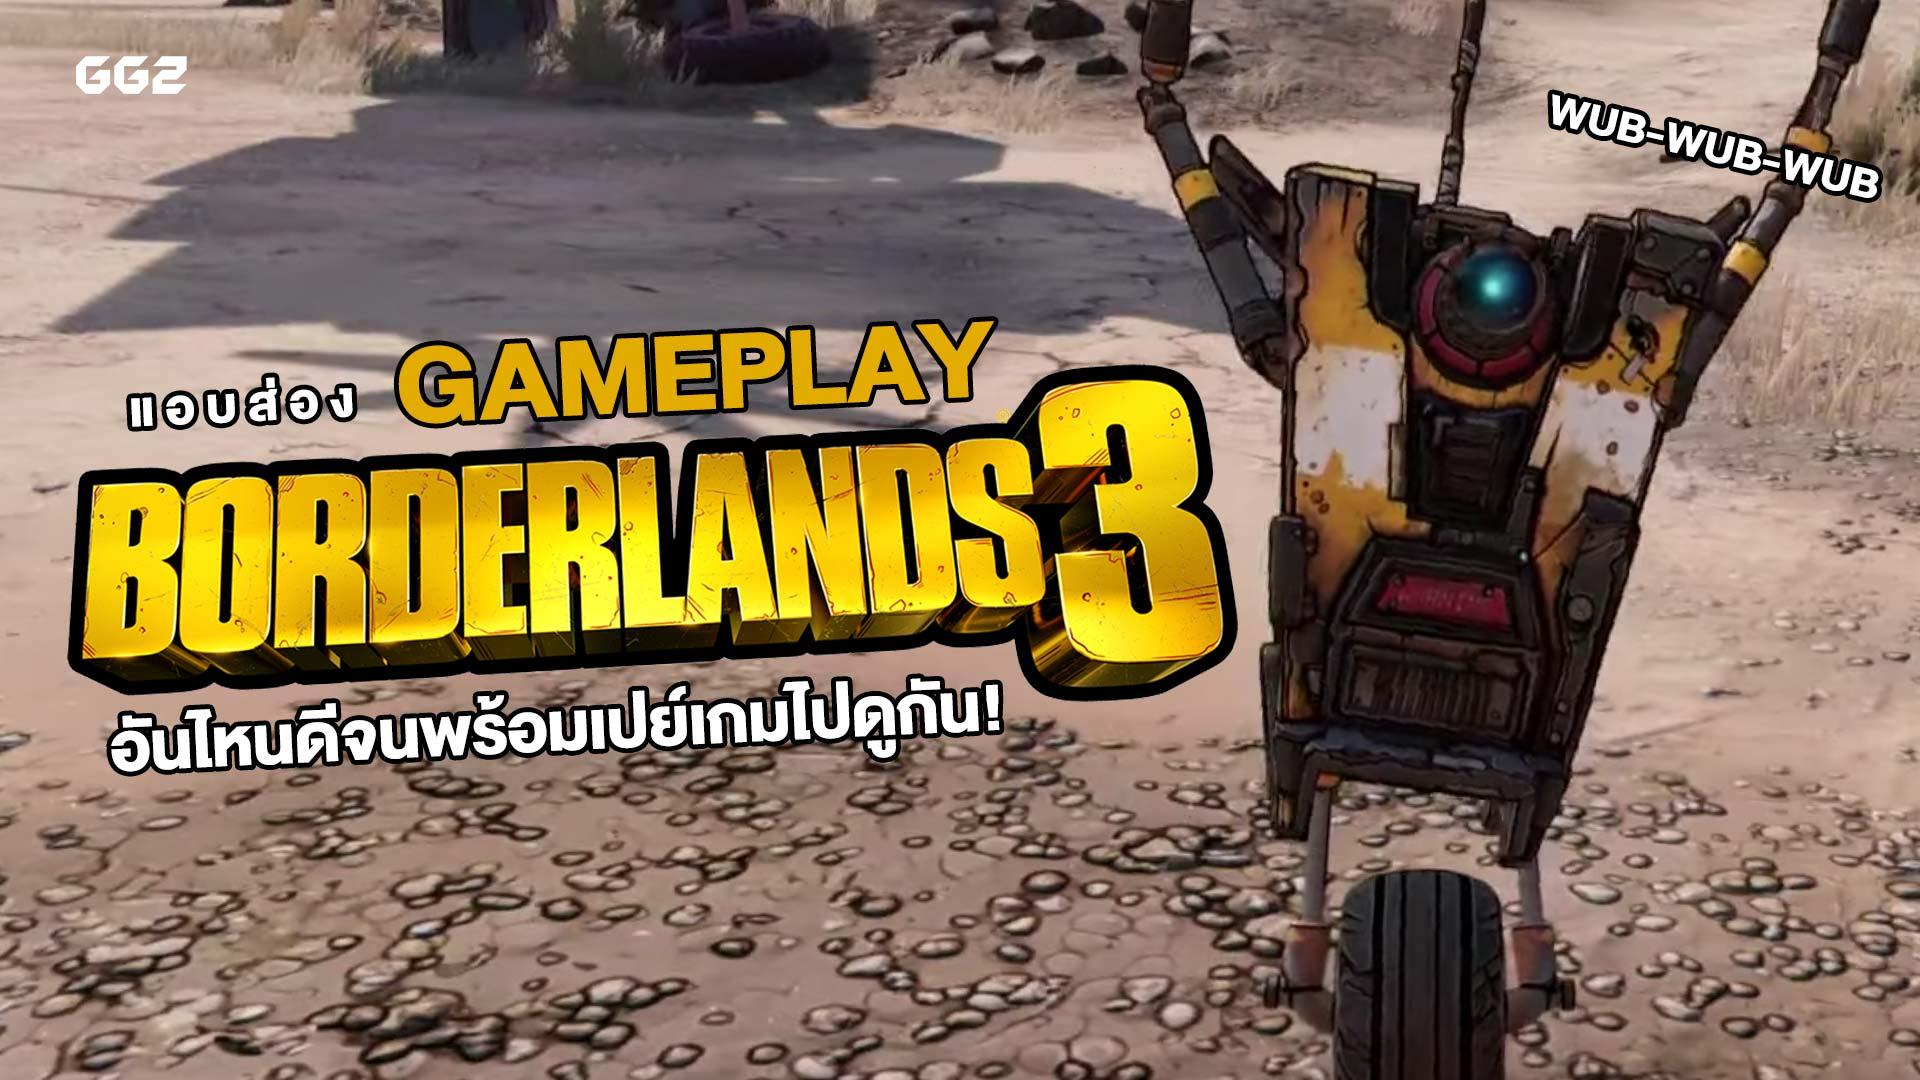 แอบส่อง Gameplay Borderlands 3 อันไหนดีจนพร้อมเปย์เกมไปดูกัน!!